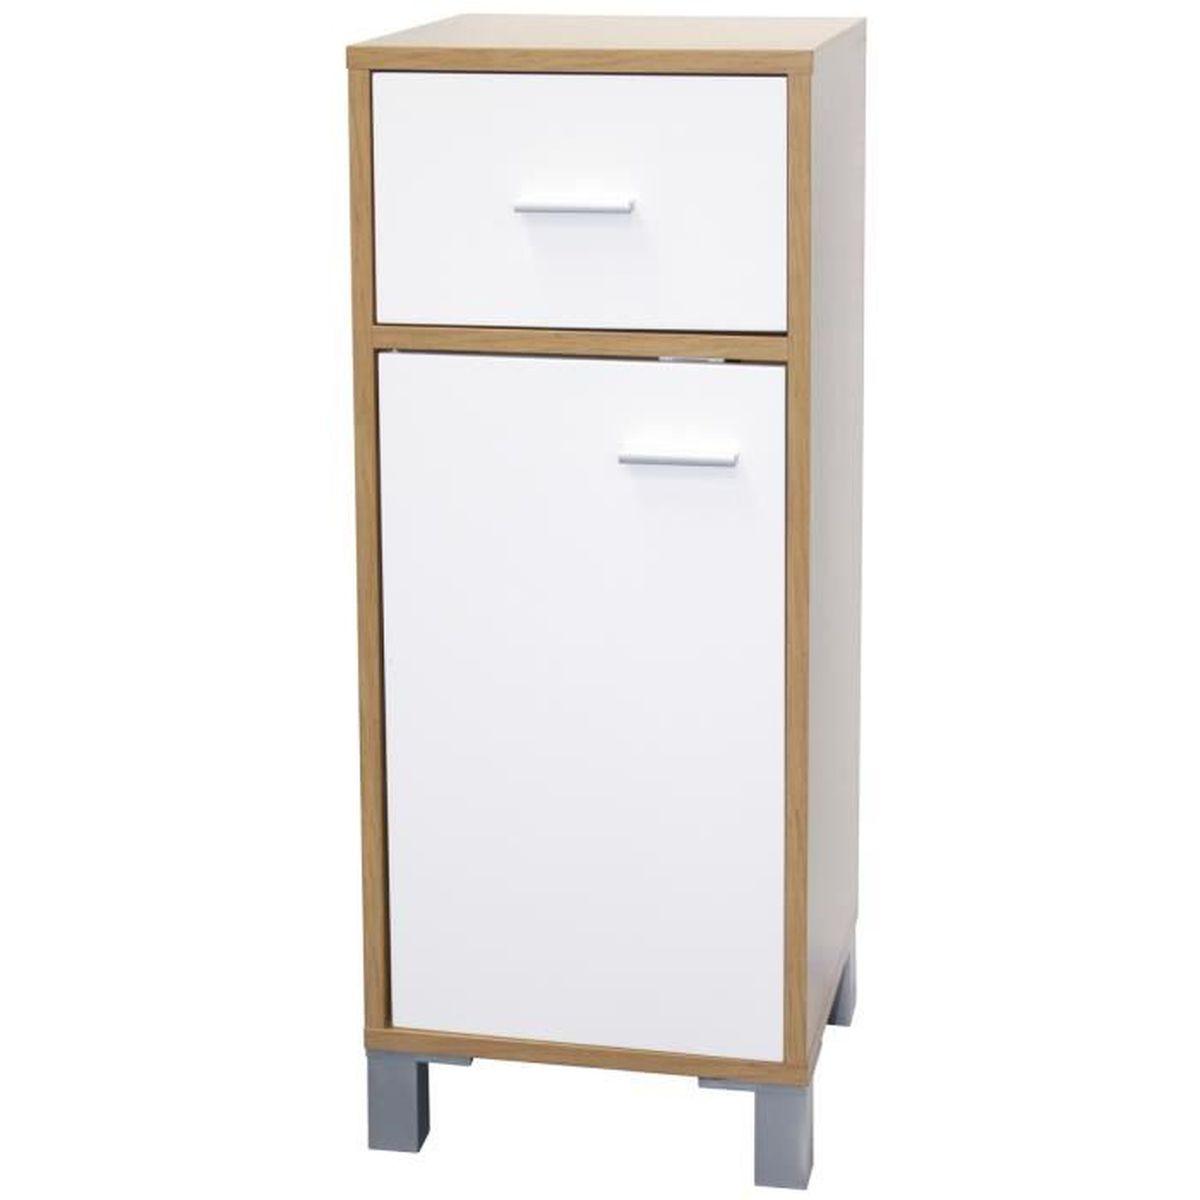 Meuble salle de bain en bois 1 tiroir et 1 porte bicolore for Meuble 1 porte bois